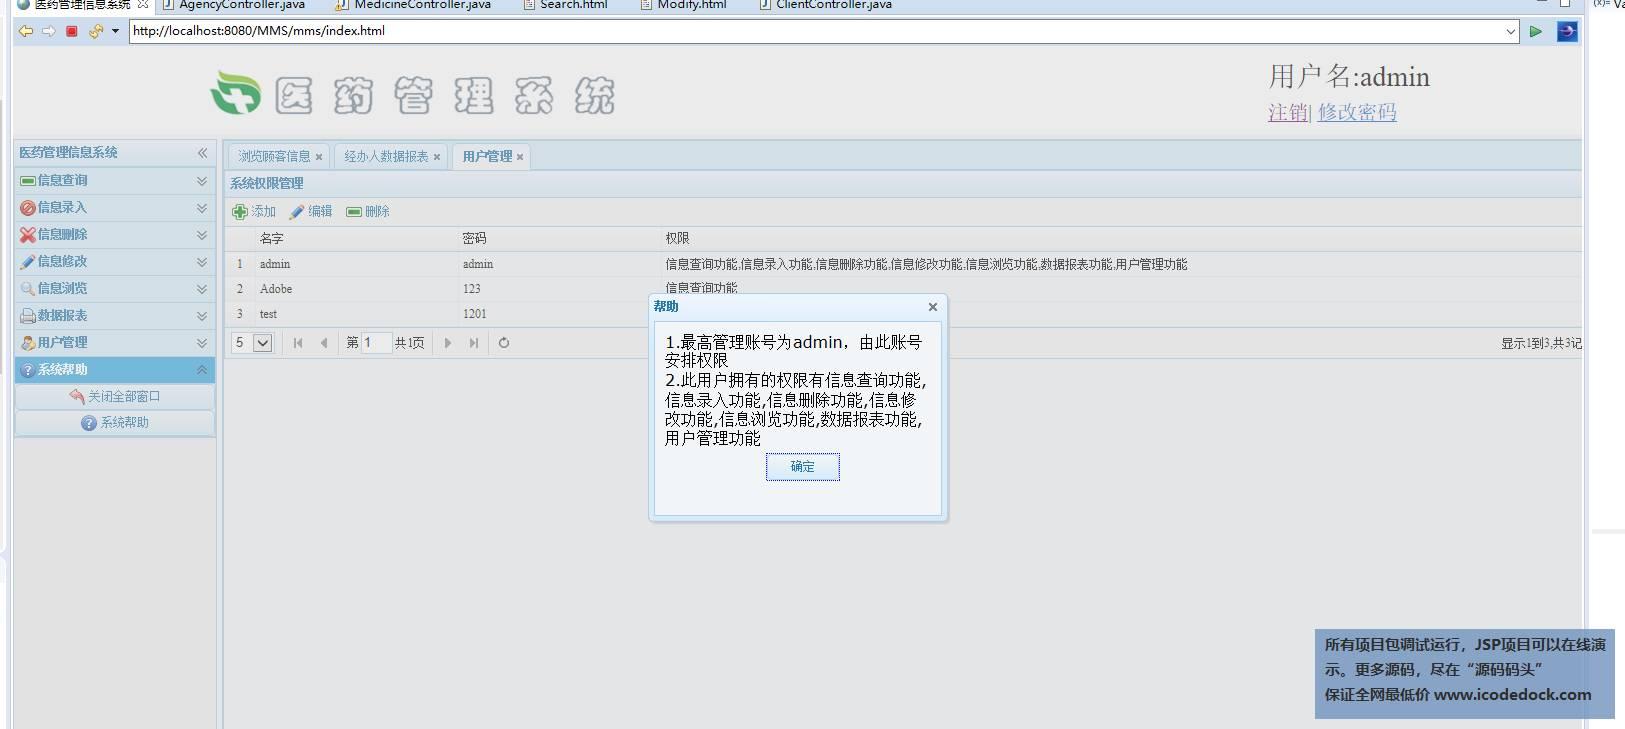 源码码头-SSM医药信息管理系统-管理员角色-系统帮助